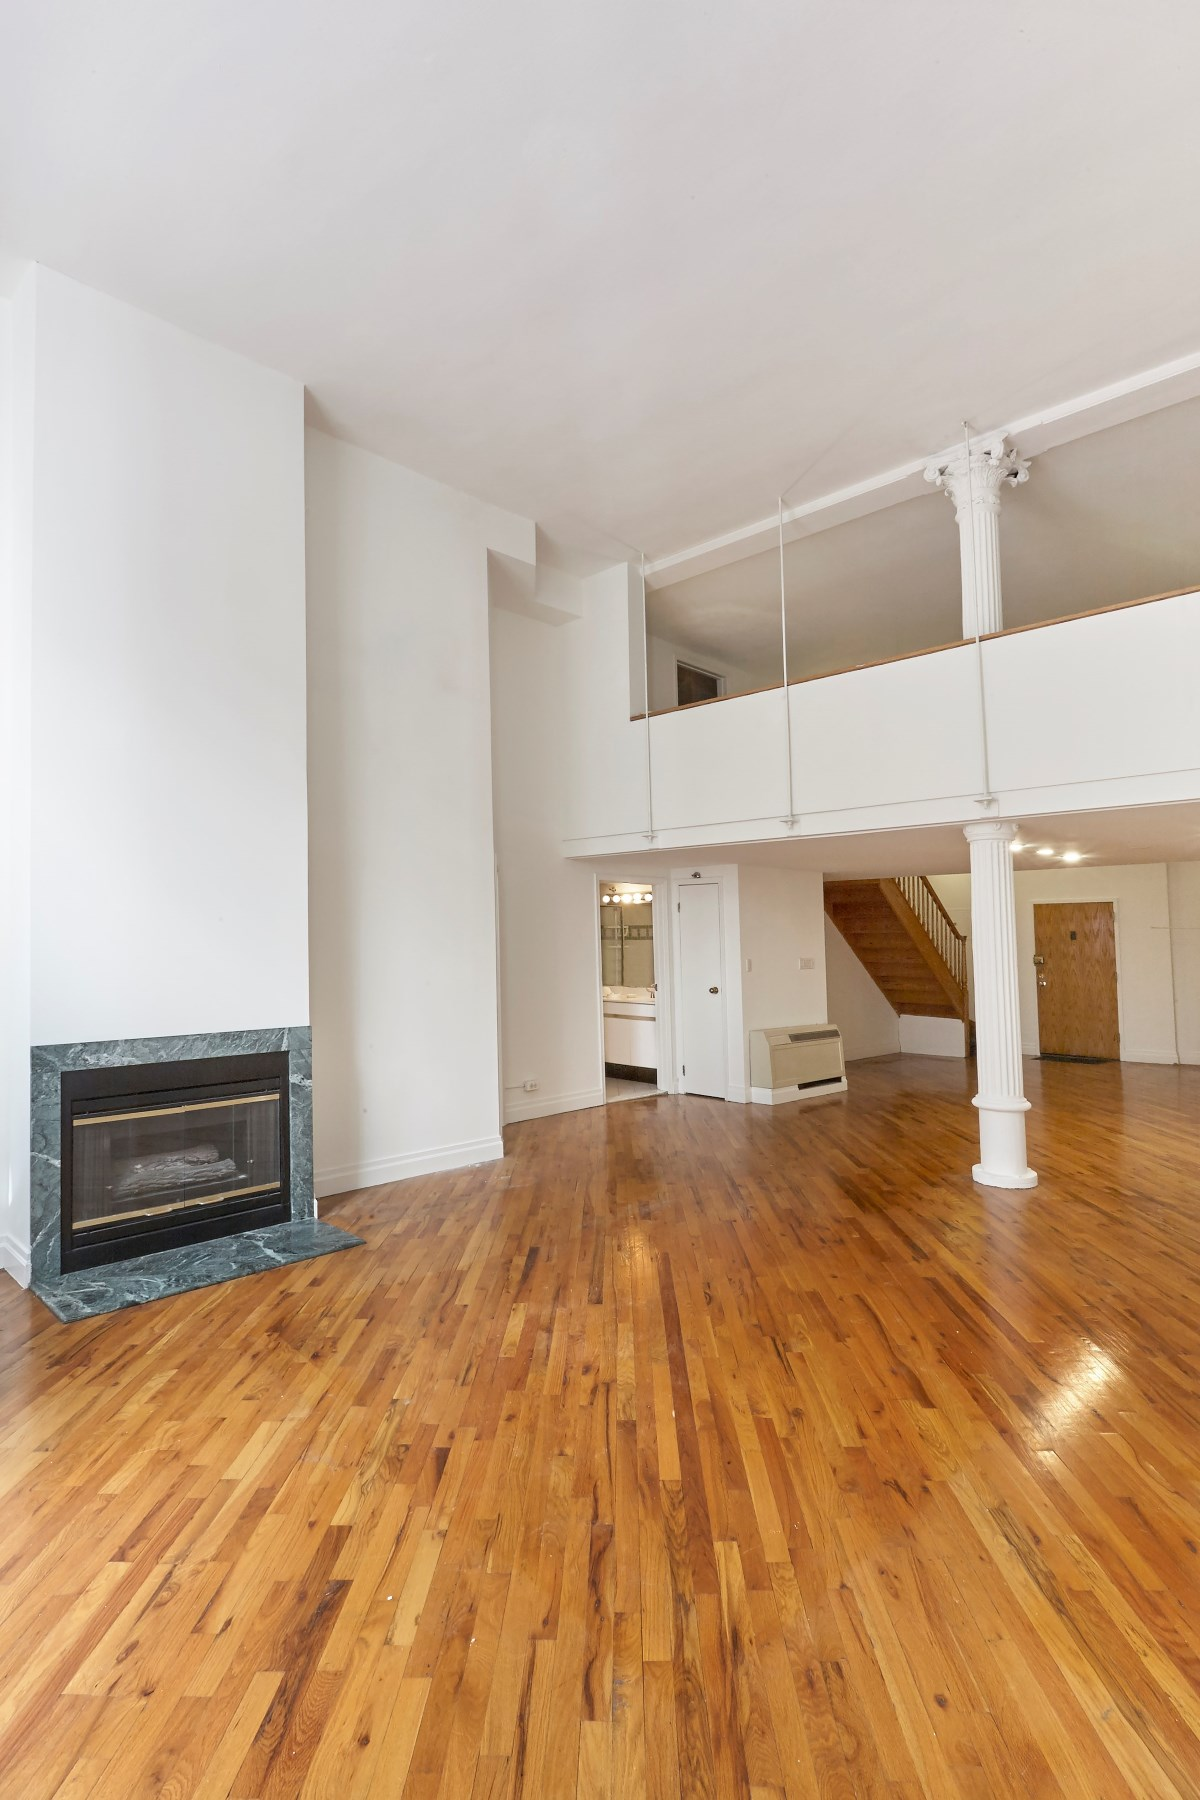 Кооперативная квартира для того Продажа на 121 West 20th Street, Apt 2C 121 West 20th Street Apt 2C Chelsea, New York, Нью-Йорк, 10011 Соединенные Штаты